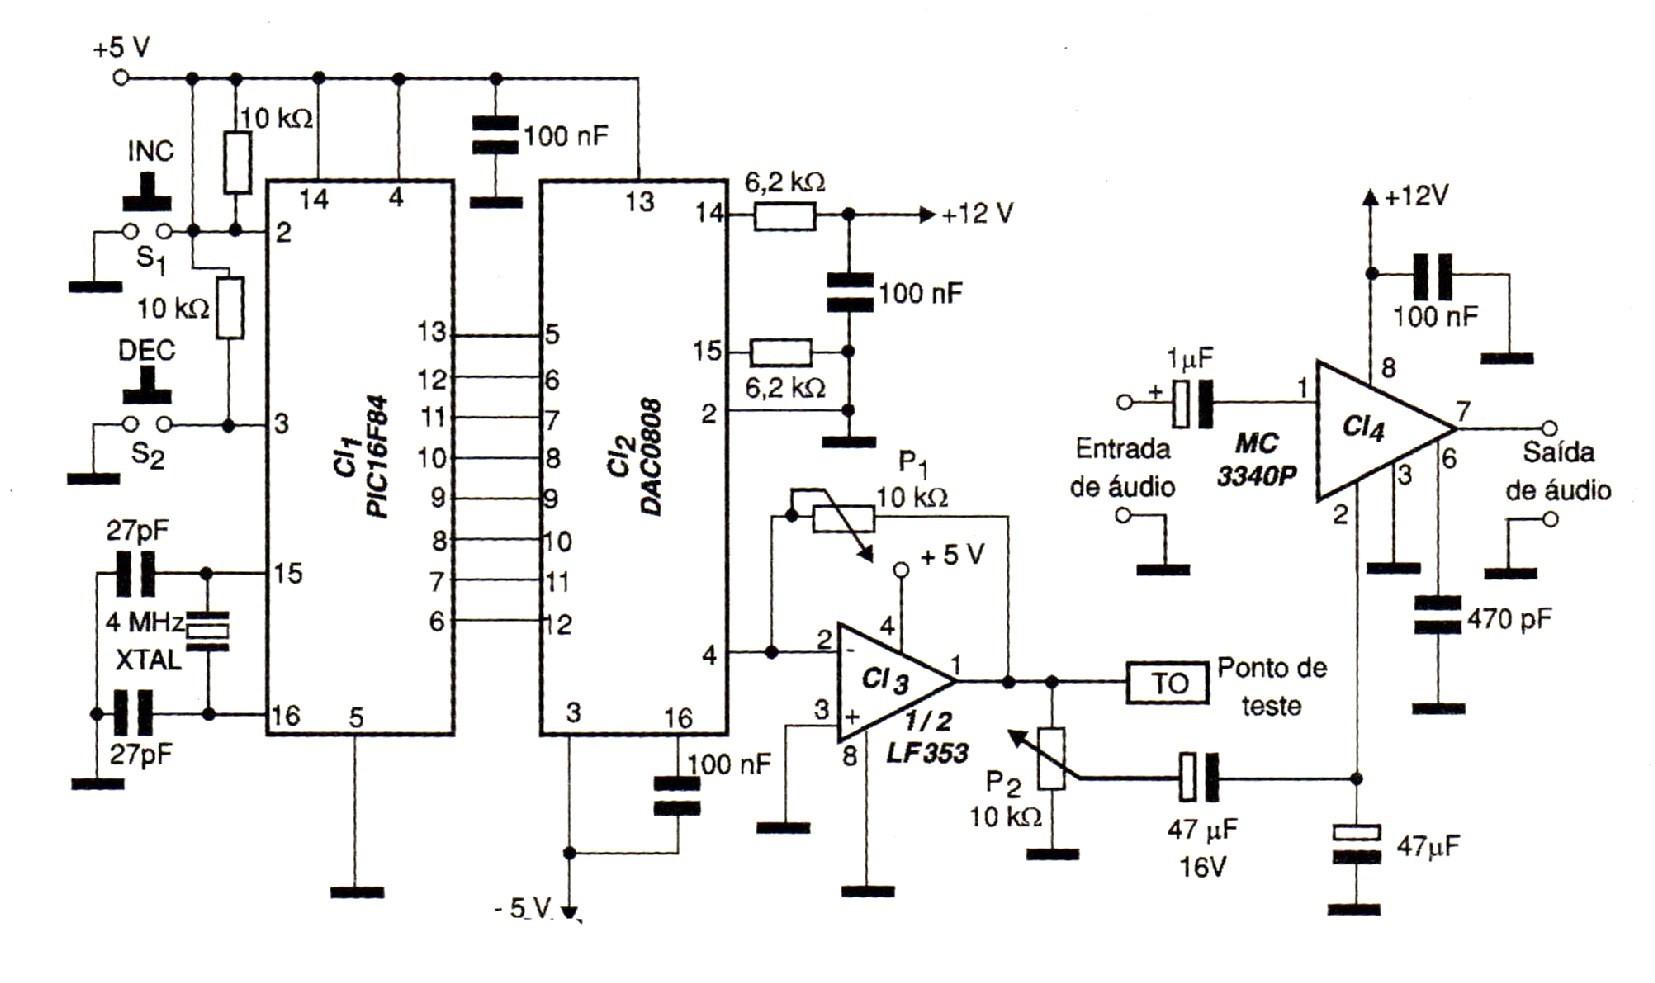 Circuito Eletronico : Conhecimento eletronico